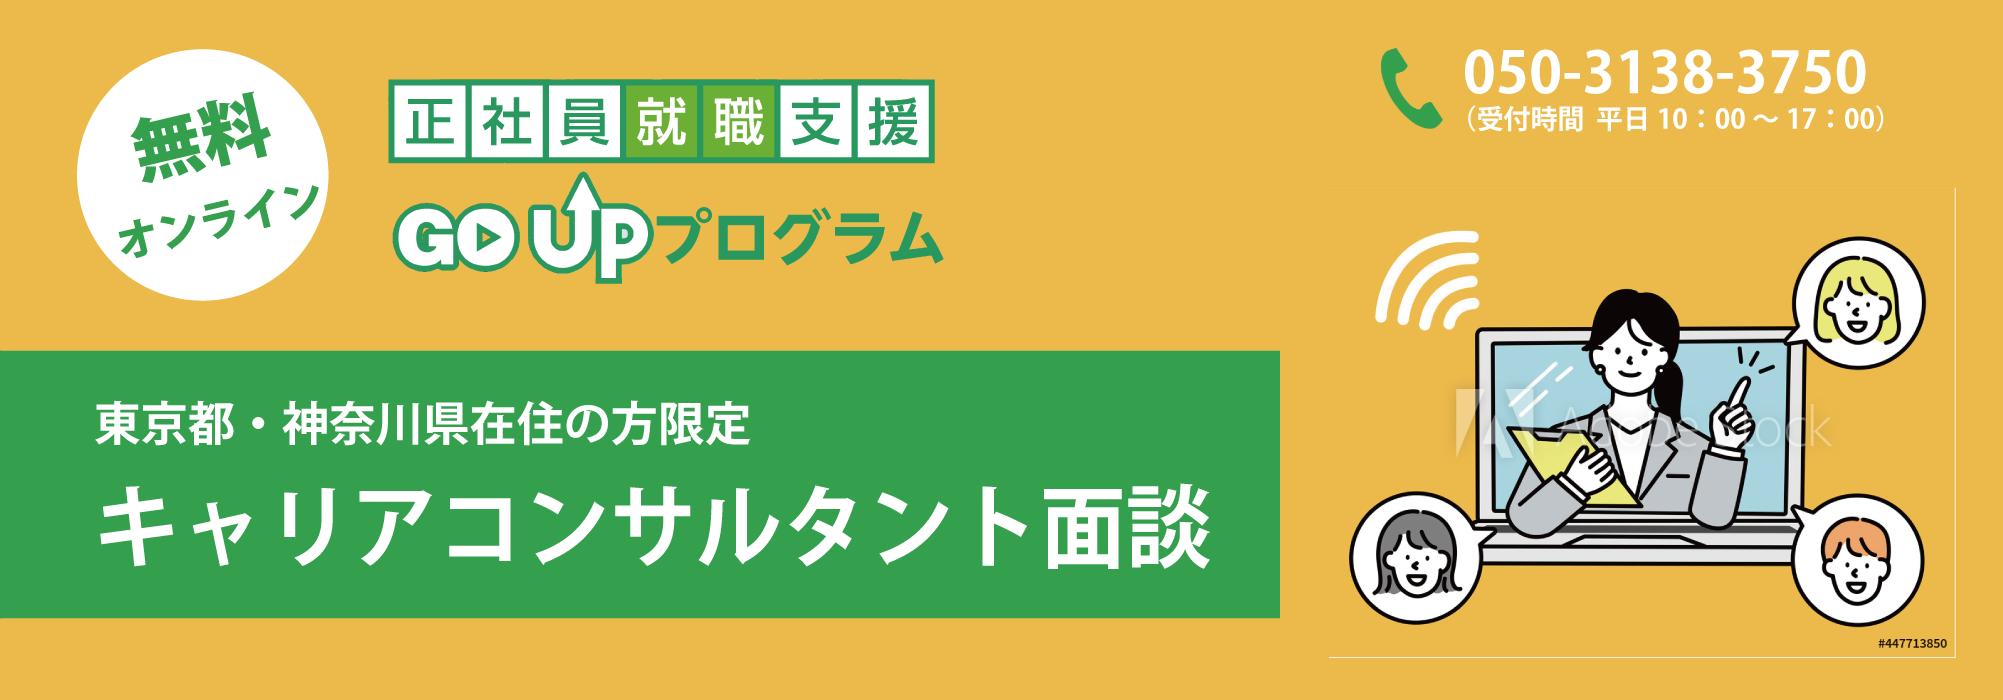 202100907無料オンラインキャリコン面談03